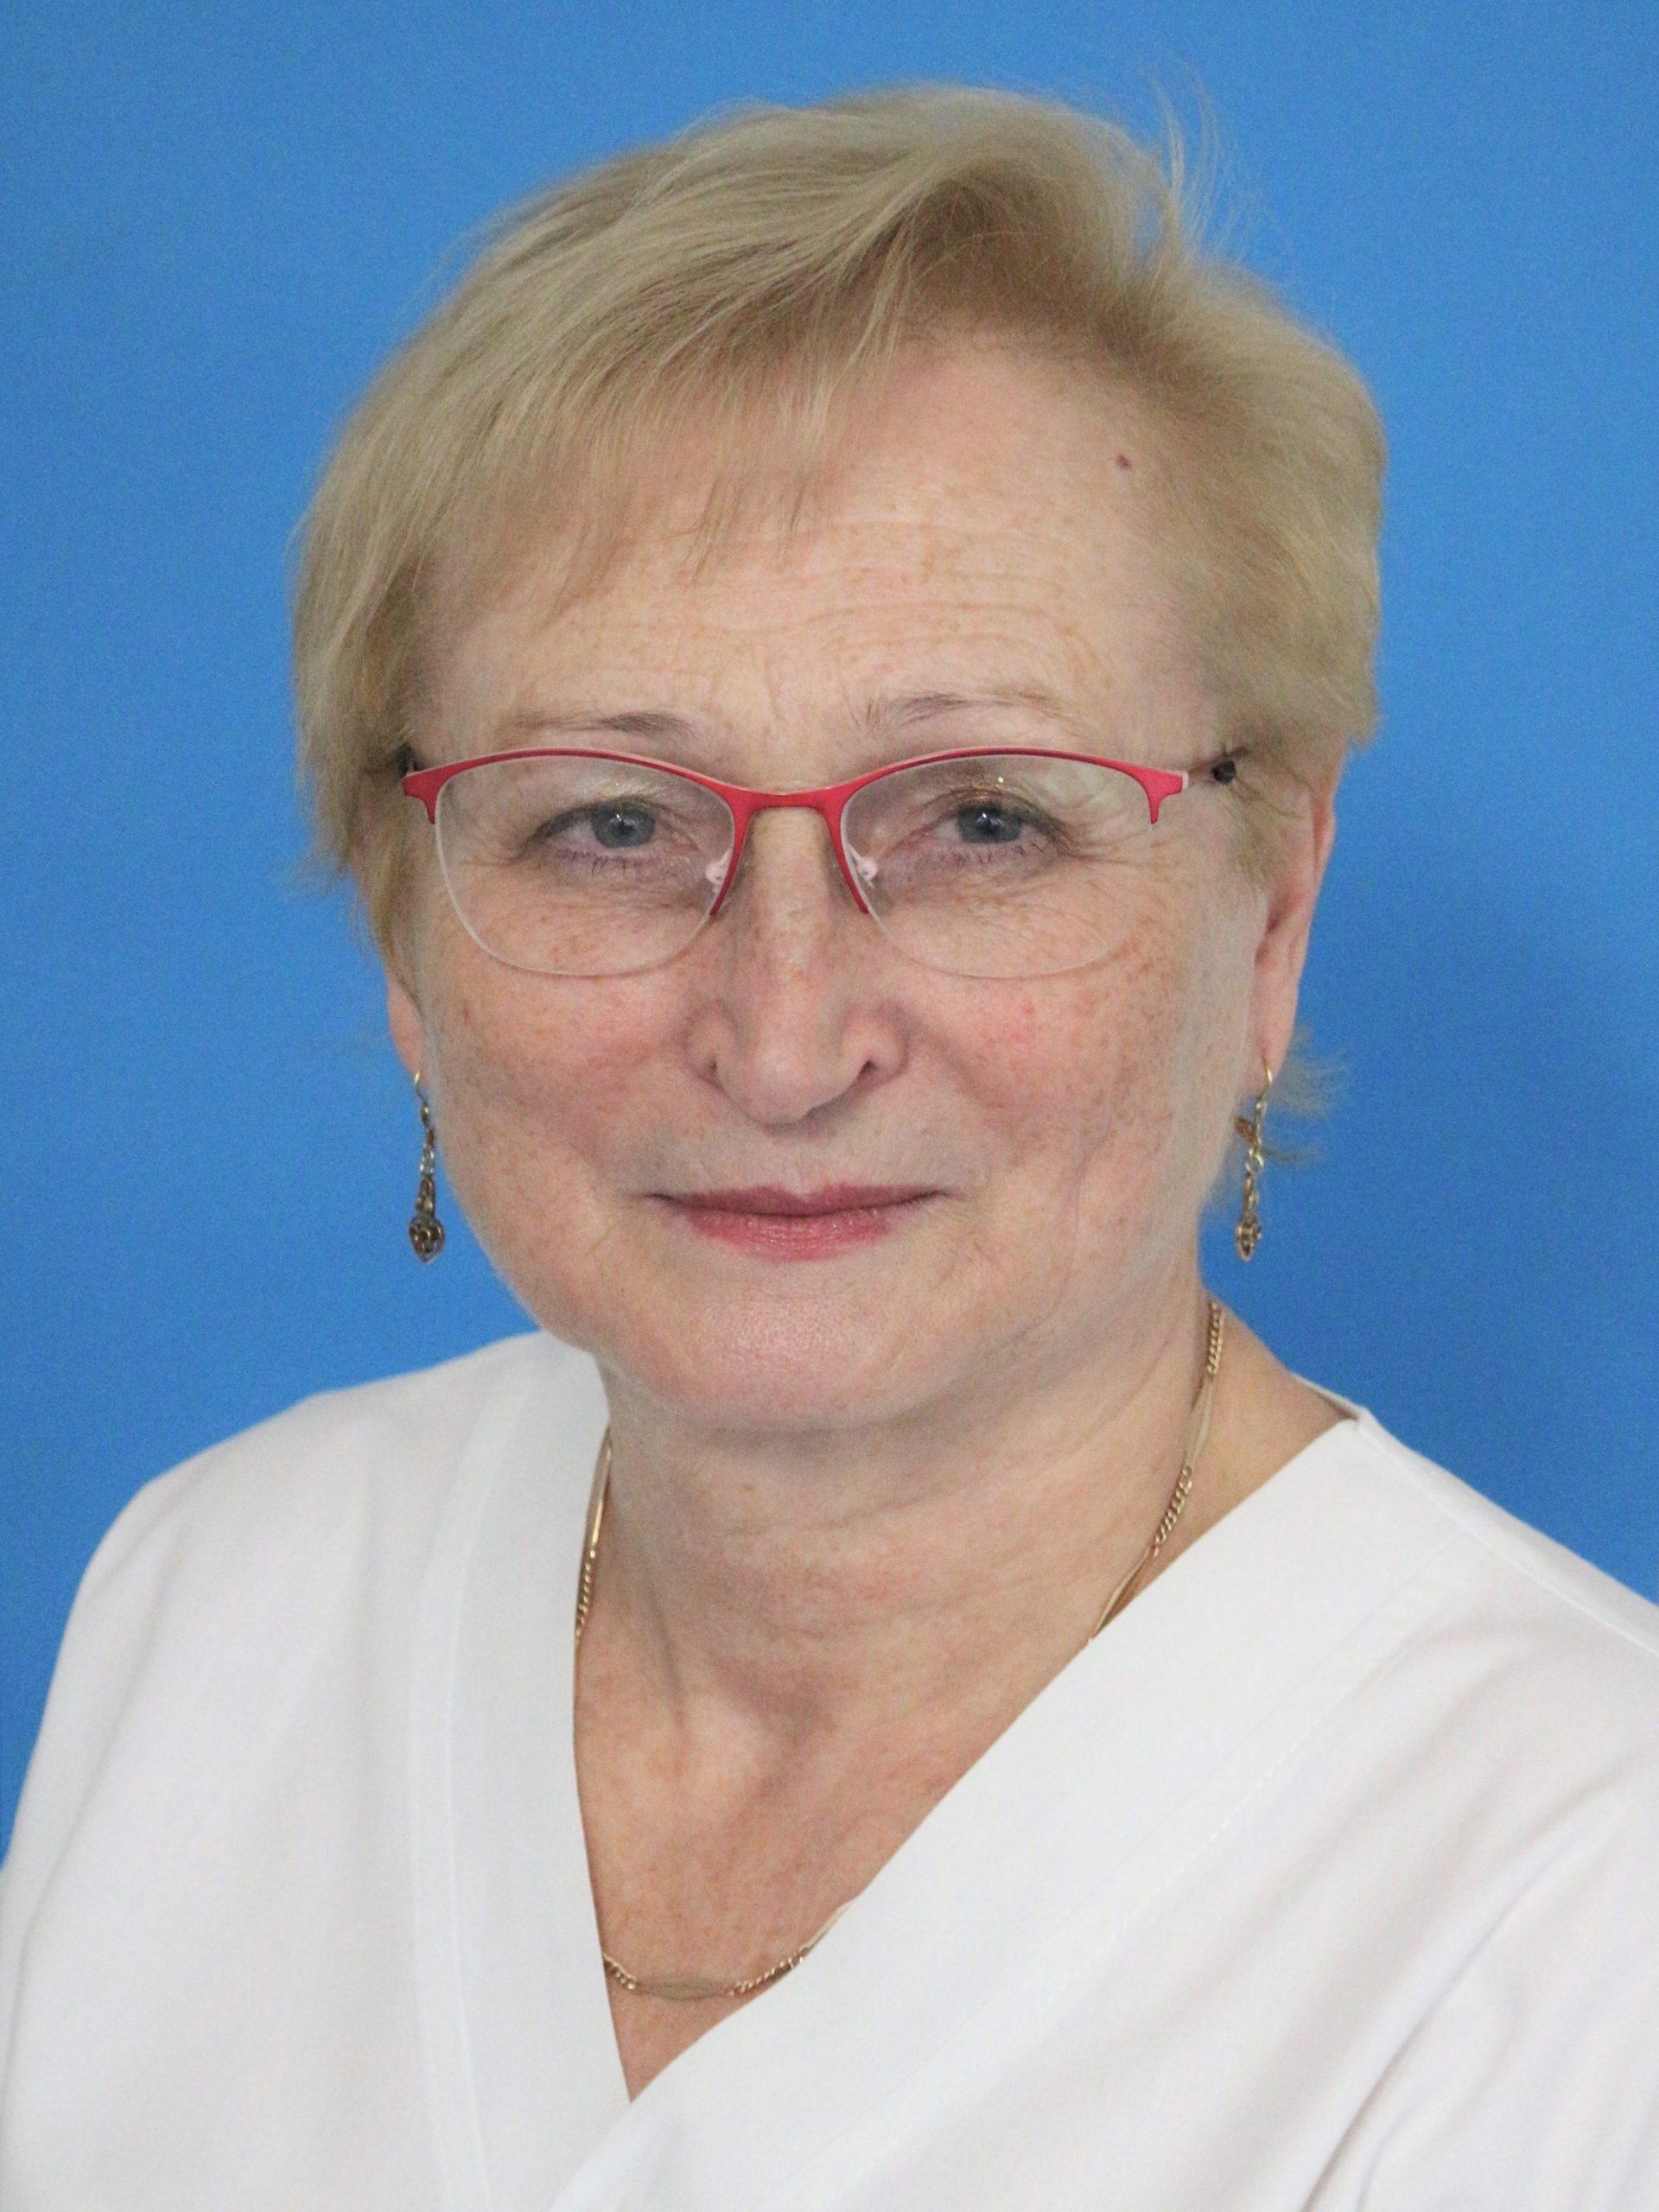 MUDr. Jitka Čulíková